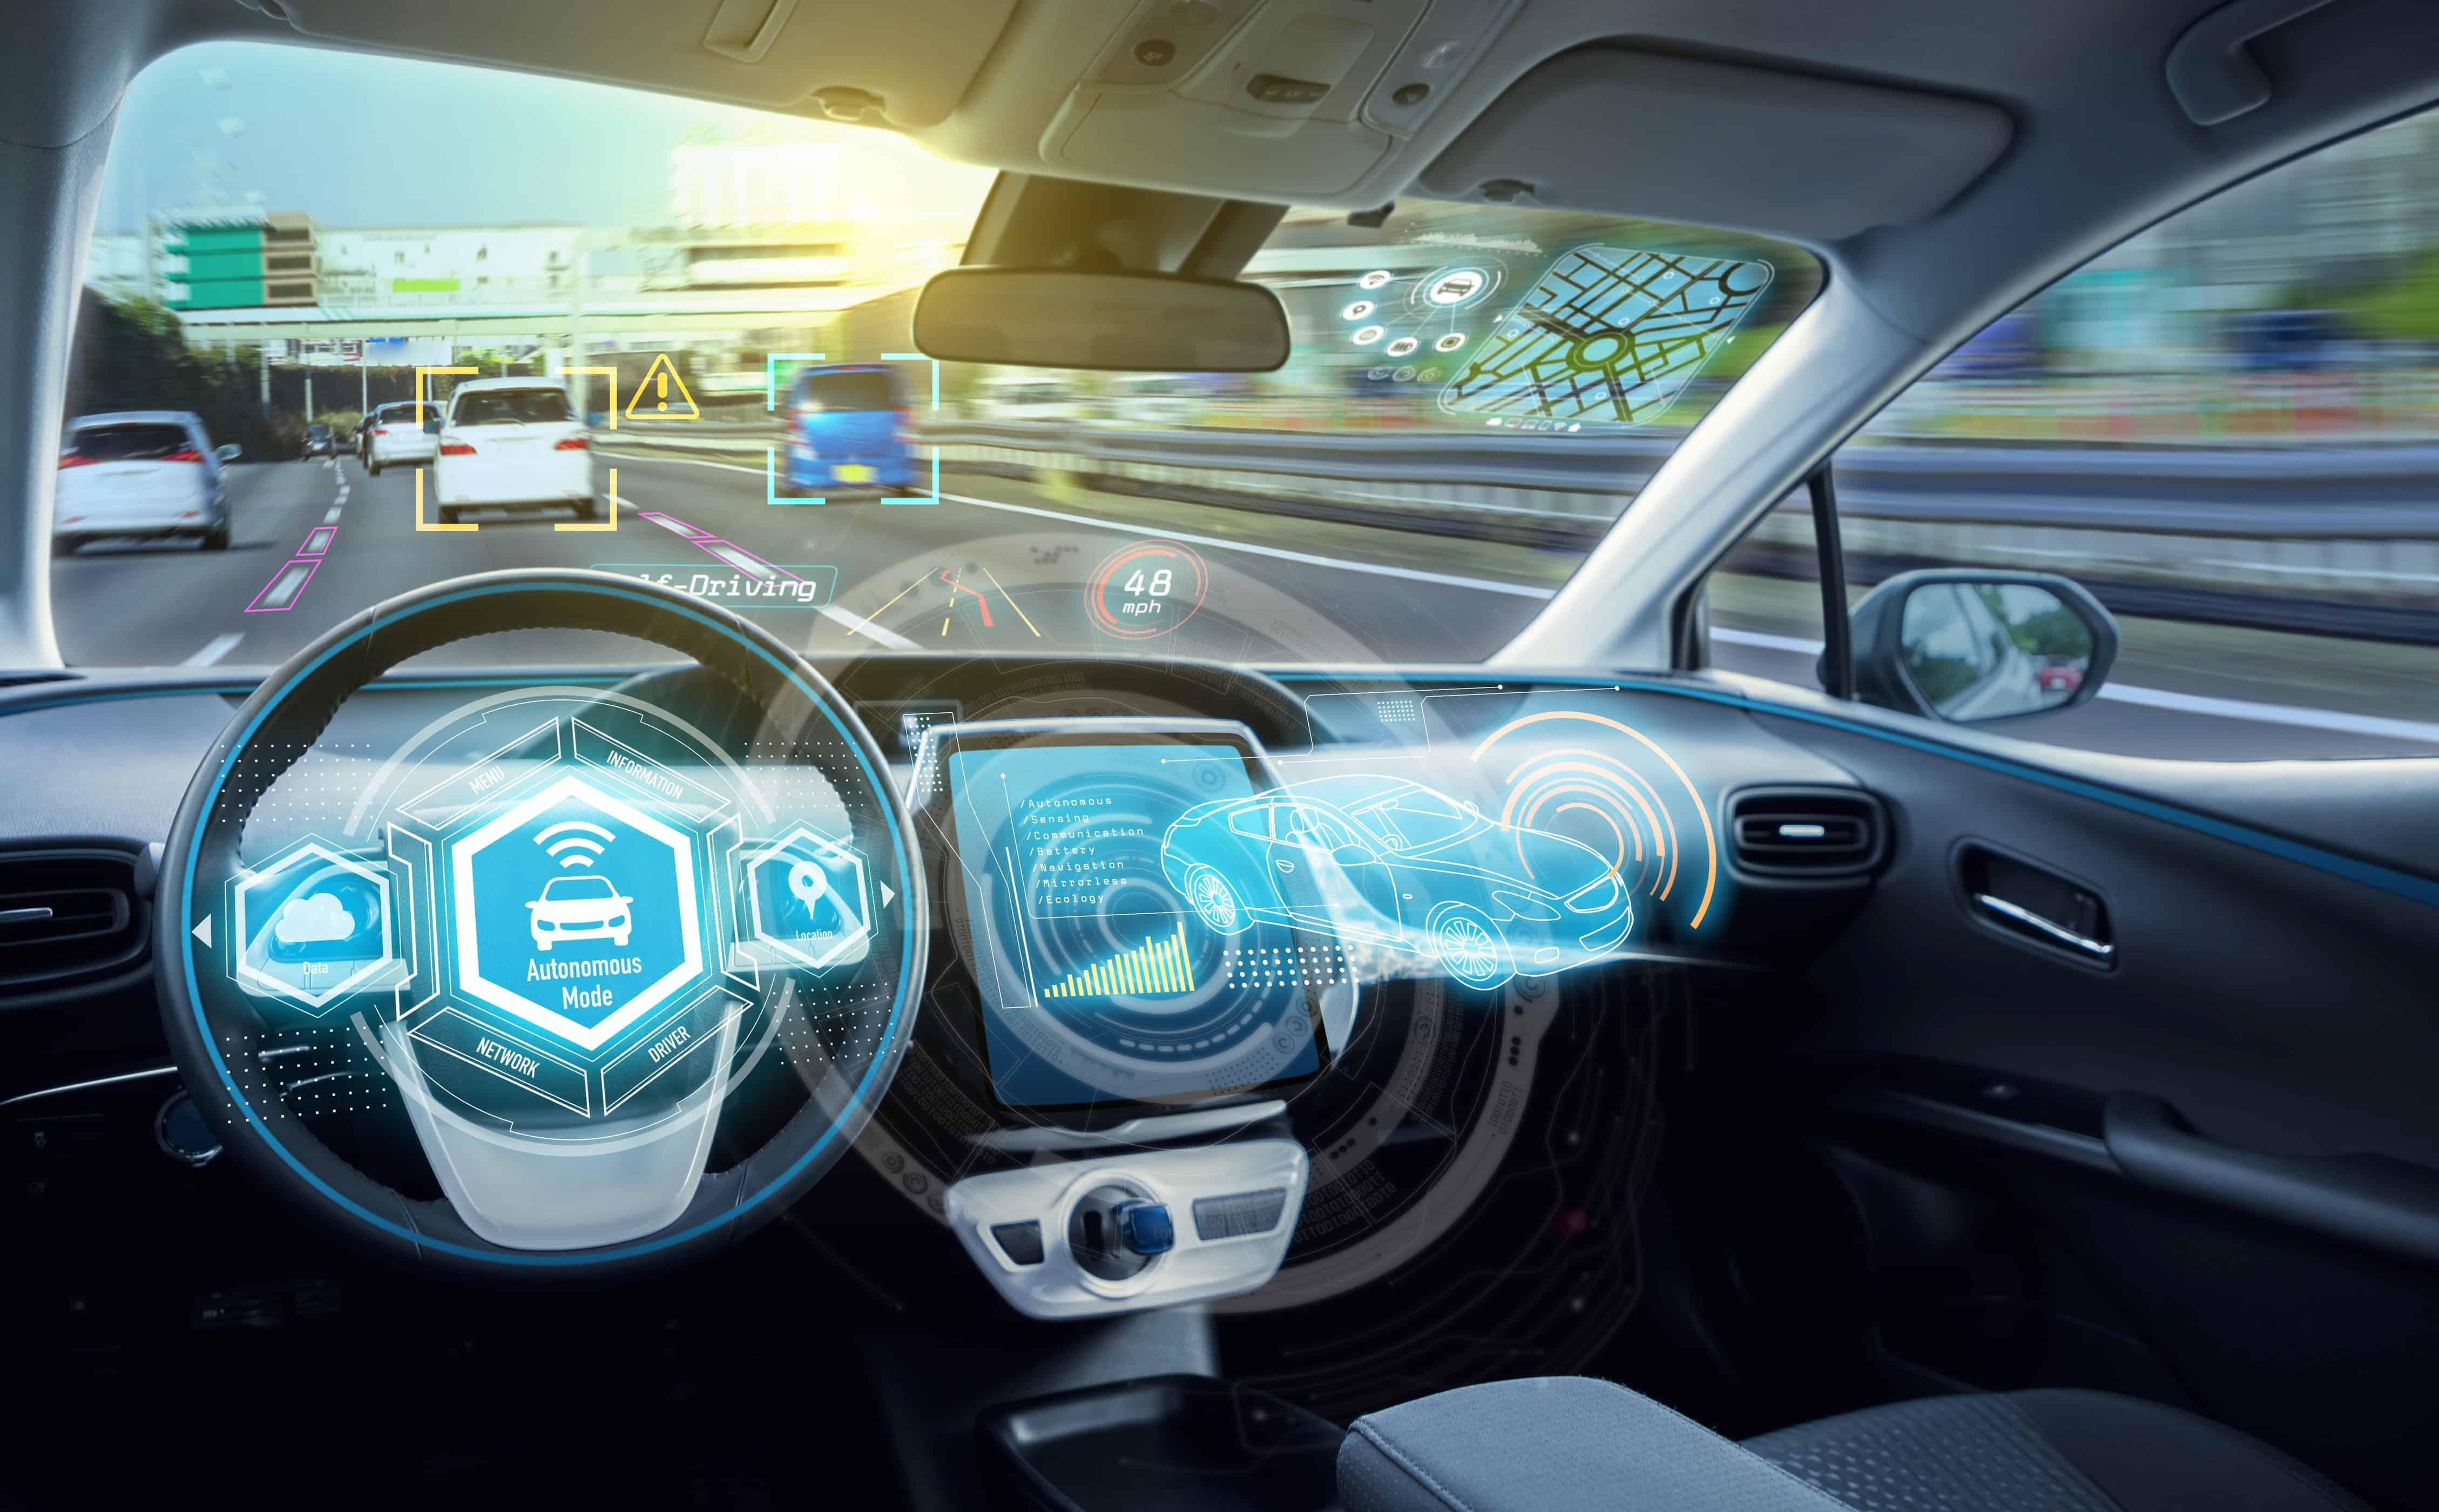 دراسة : زيادة التكنولوجيا في السيارة تزيد من المشاكل